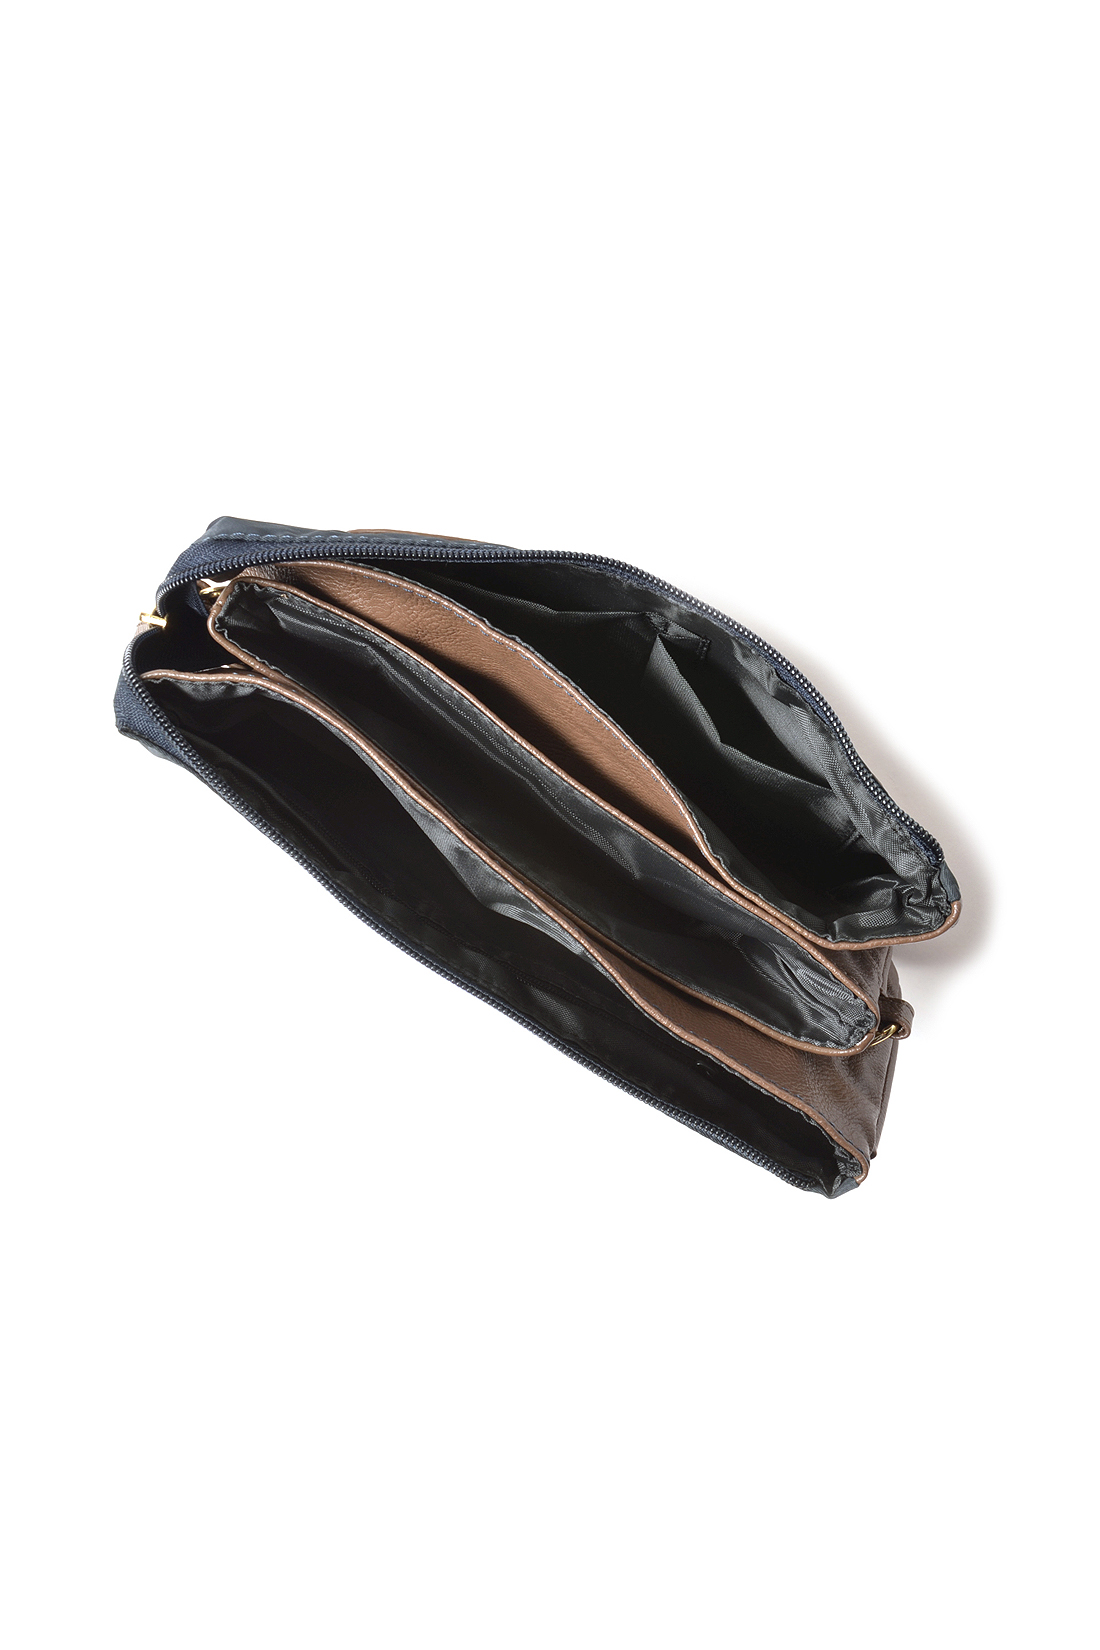 充実のポケットや間仕切りで整理して入れやすく、探すのも見つけるのもサッとスマート。